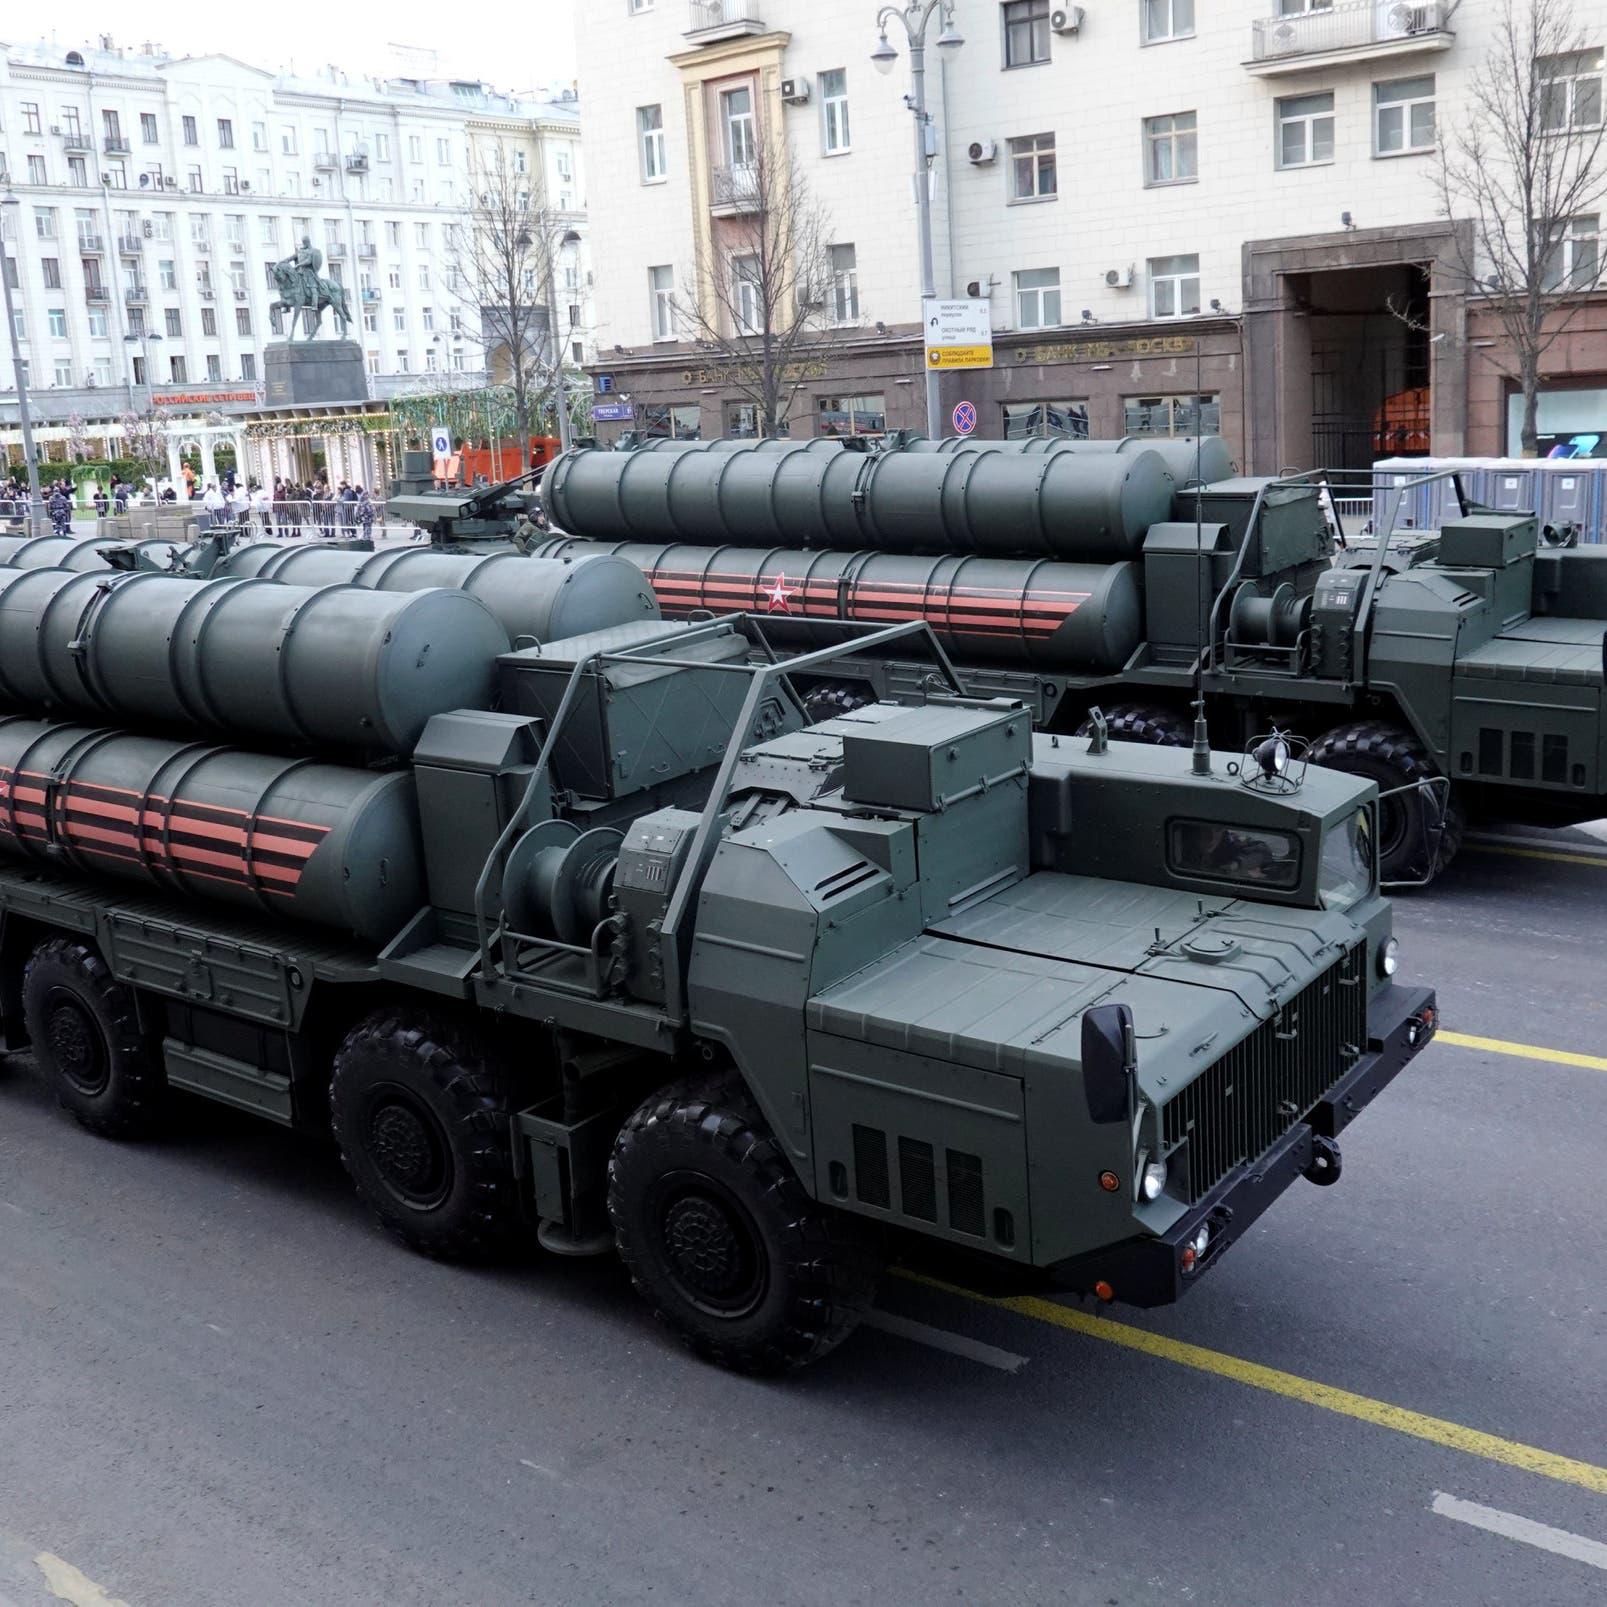 روسيا تسلم تركيا الشحنة الأولى من صواريخ